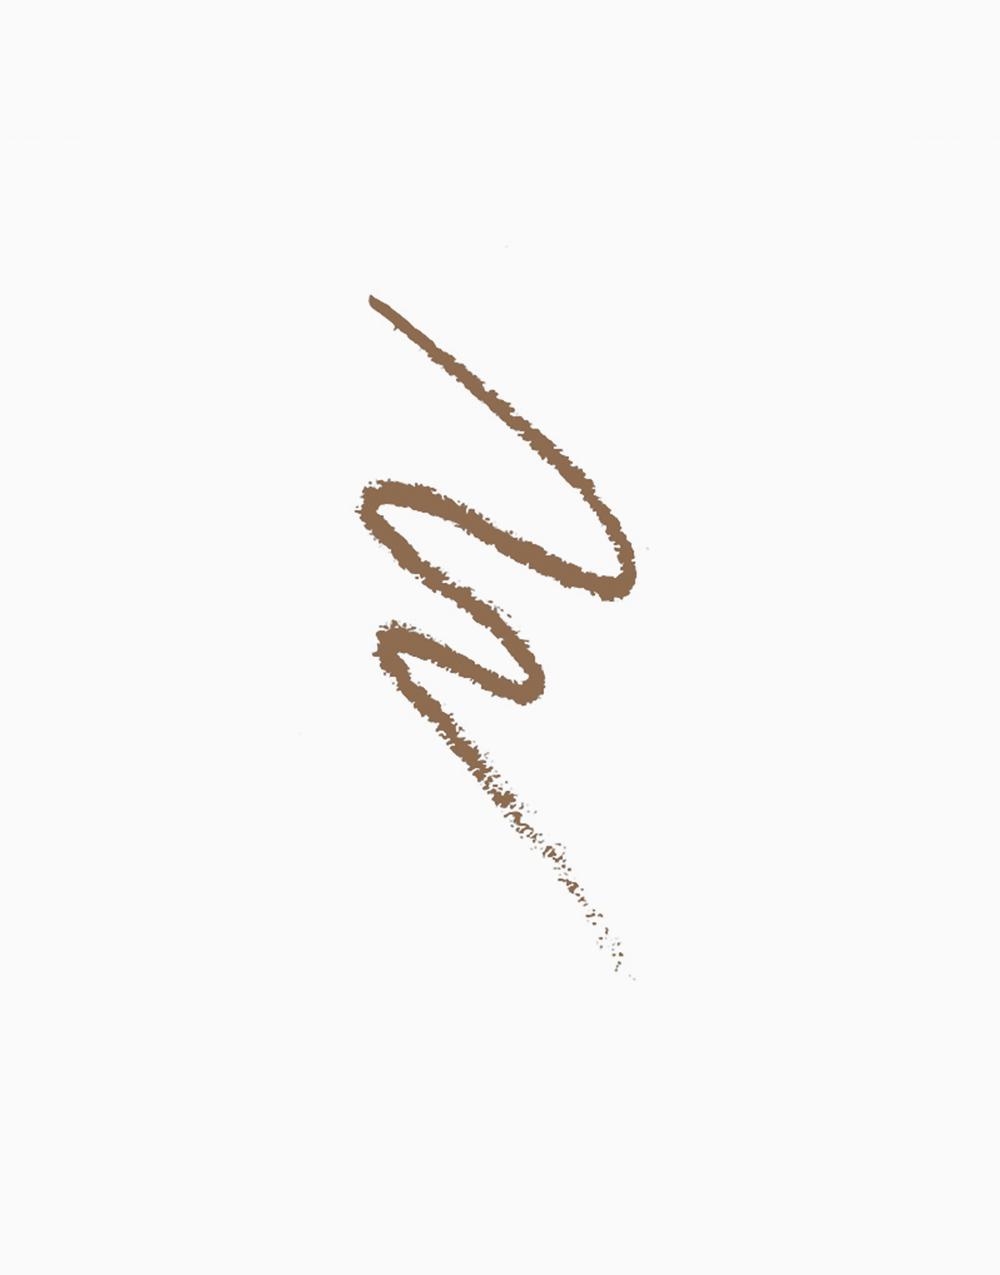 Powerproof Ink Brow  by Innisfree |  #2. Latte Brown